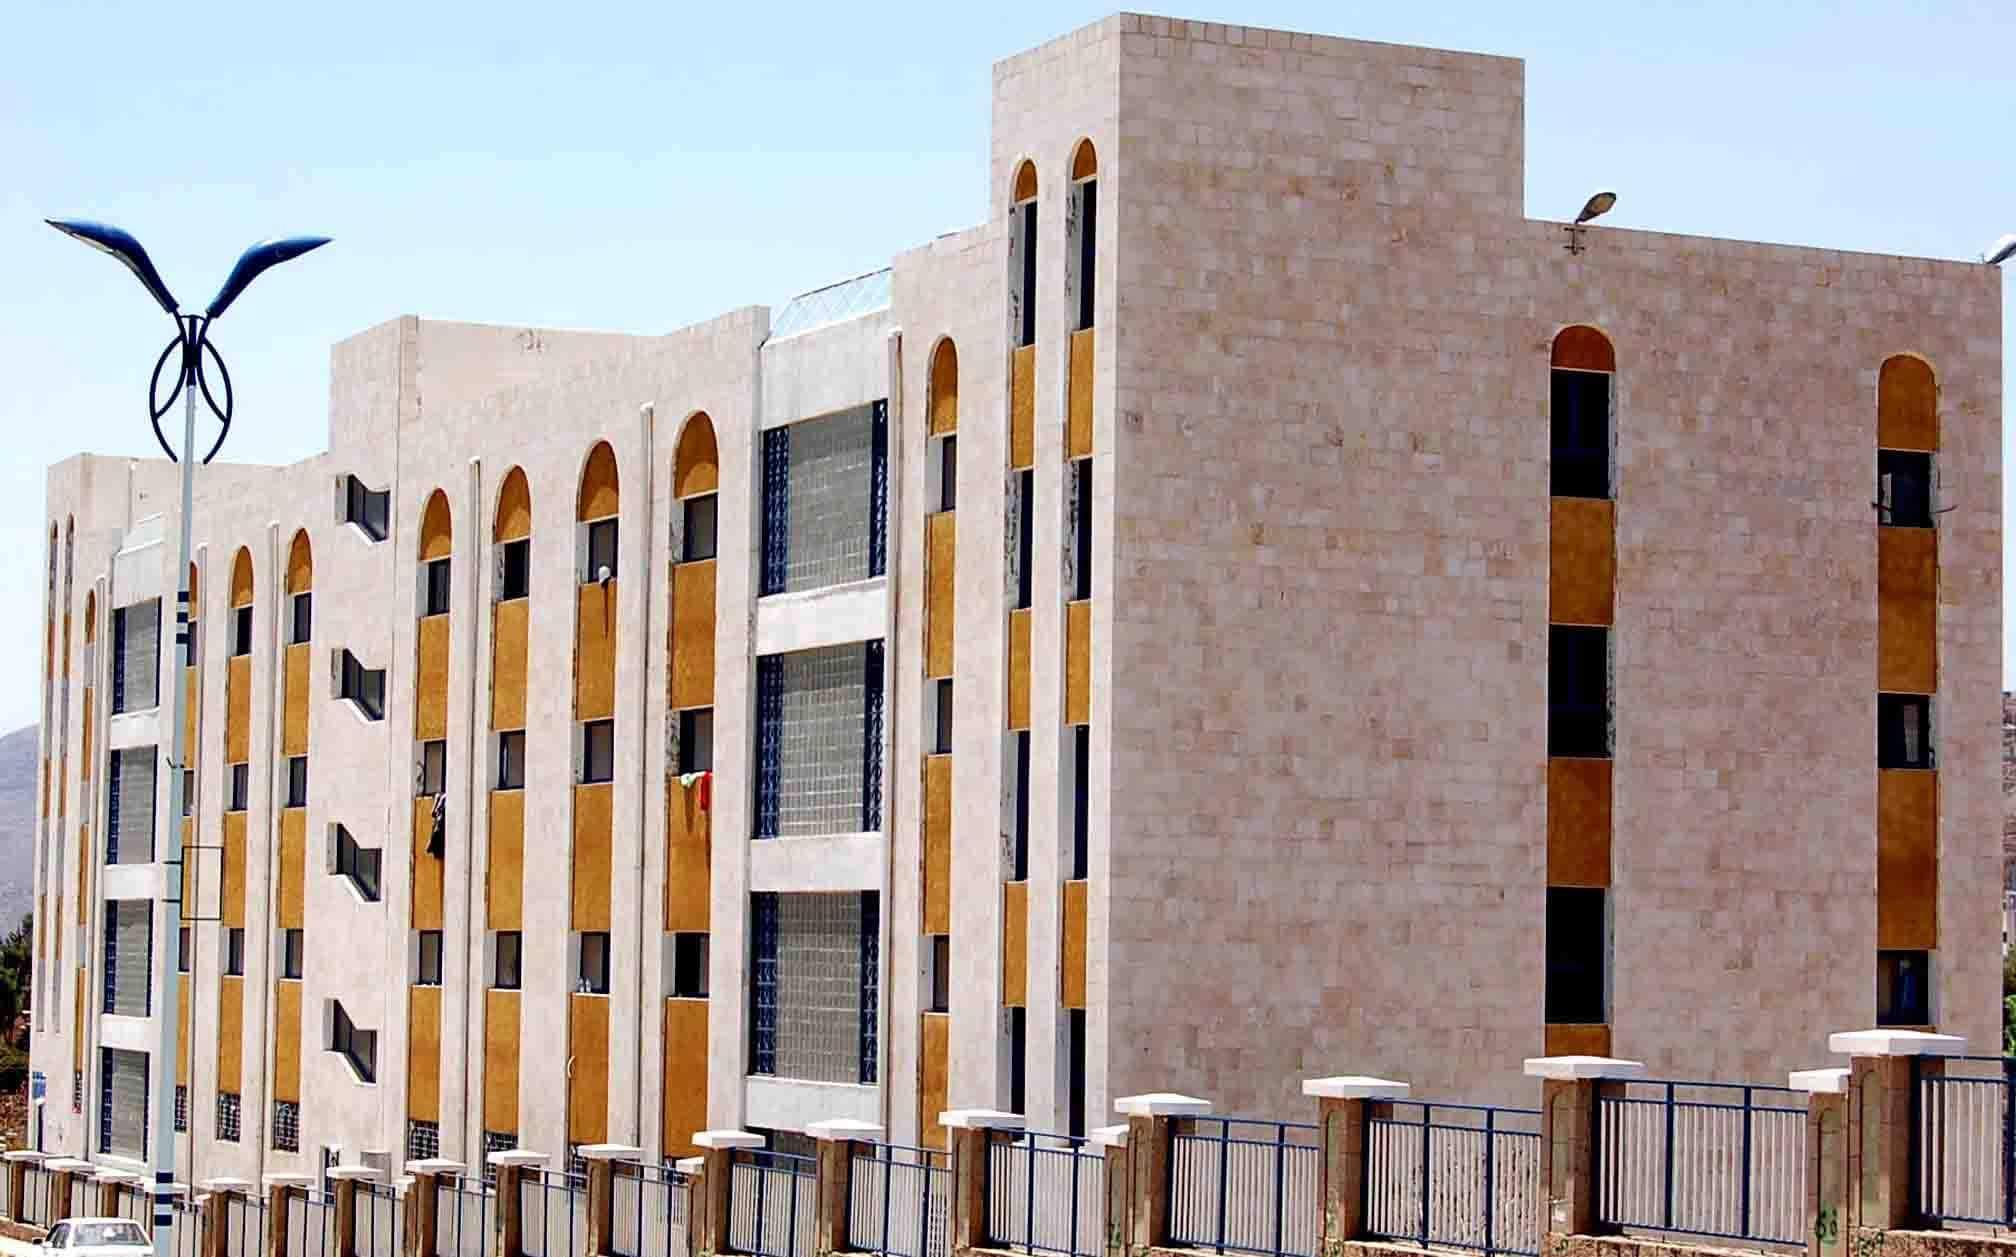 إب: المليشيا الانقلابيه تنفذ حملة اختطافات واسعة بحق عدد من طلاب الجامعة